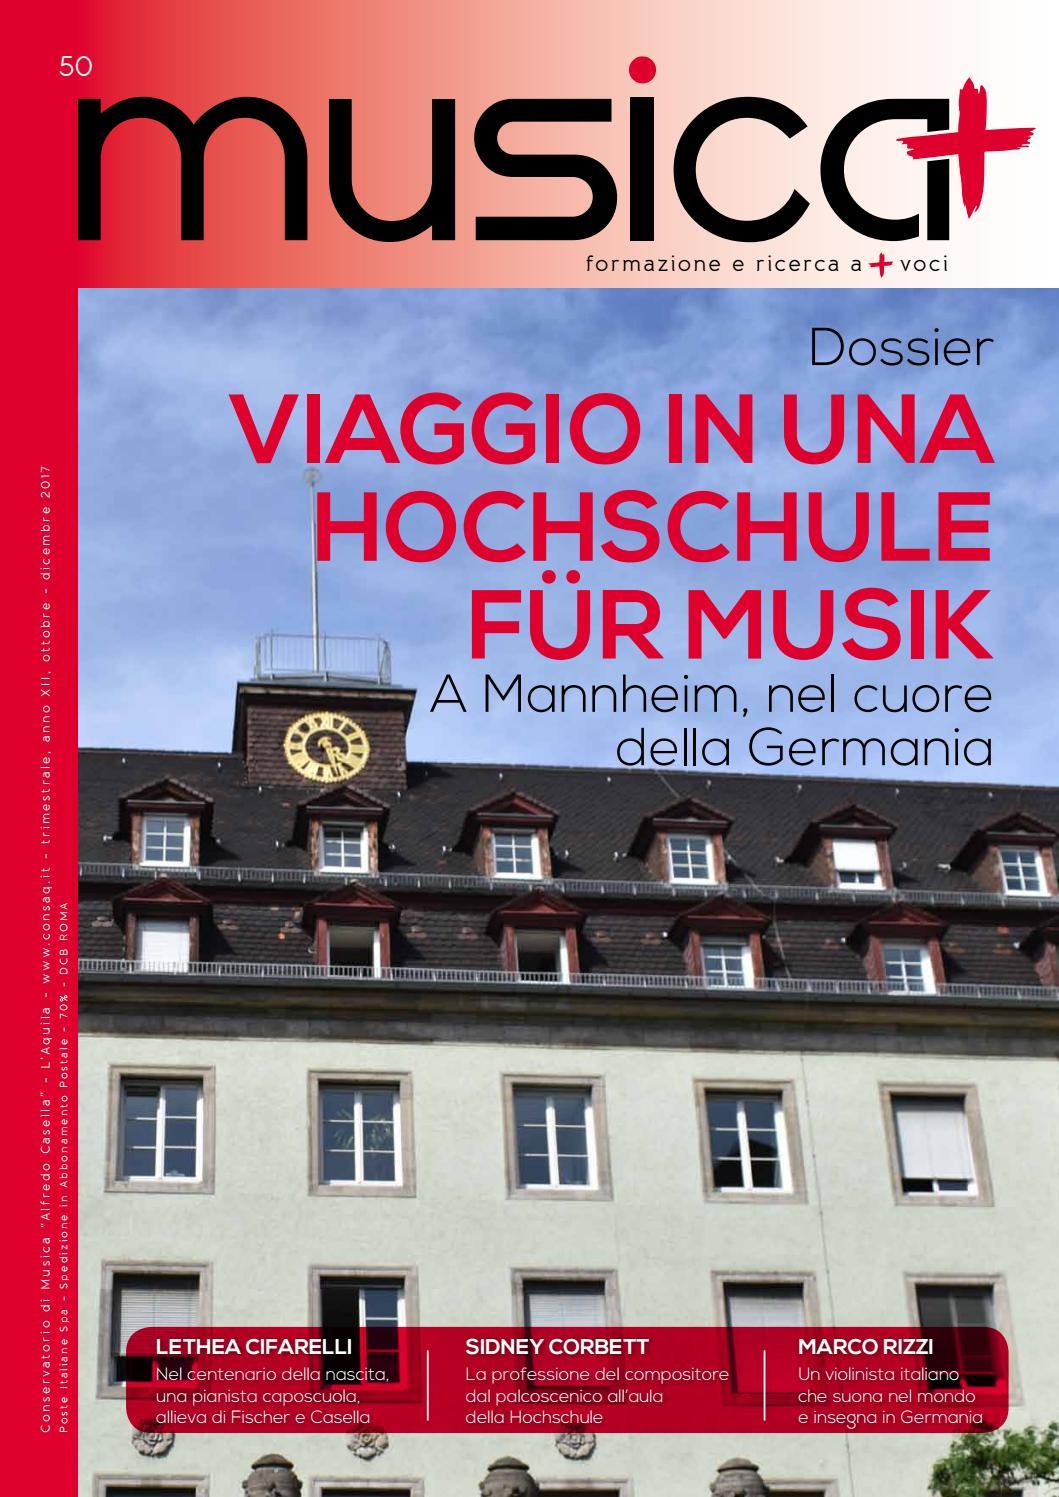 50 ottobre - dicembre 2017 by Musica+ - issuu